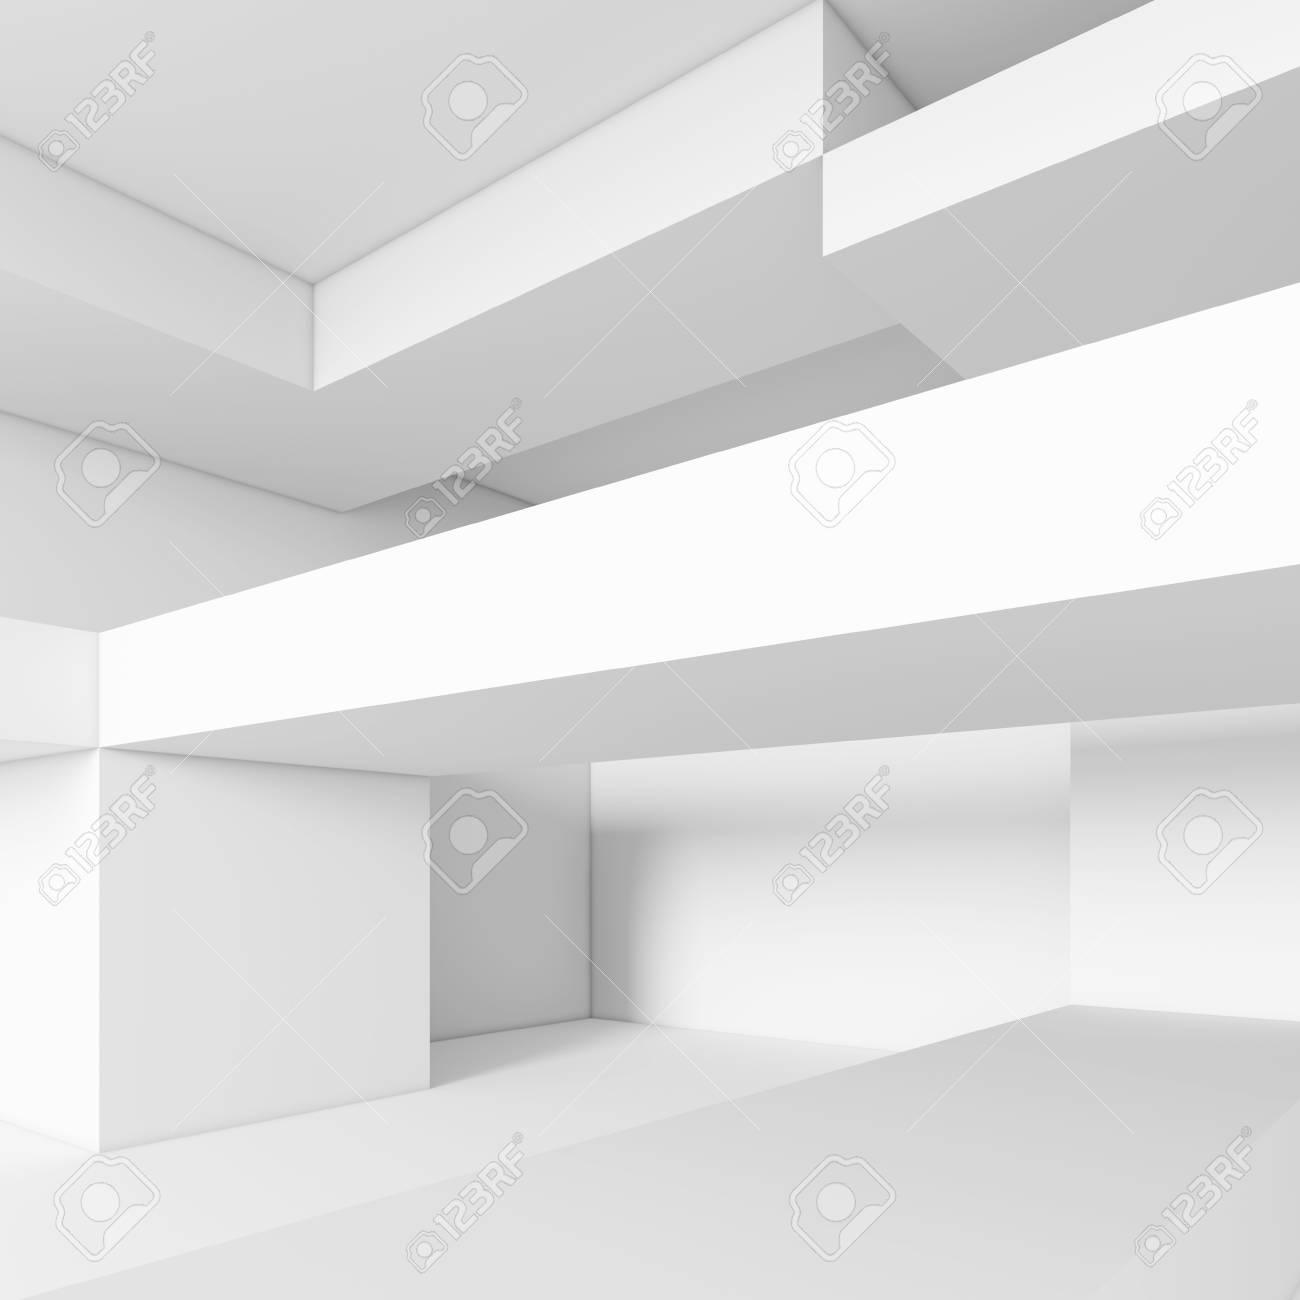 Abstrait Arriere Plan Blanc Minimal Interior Design 3d Illustration De La Construction Du Batiment Moderne Banque D Images Et Photos Libres De Droits Image 70861582